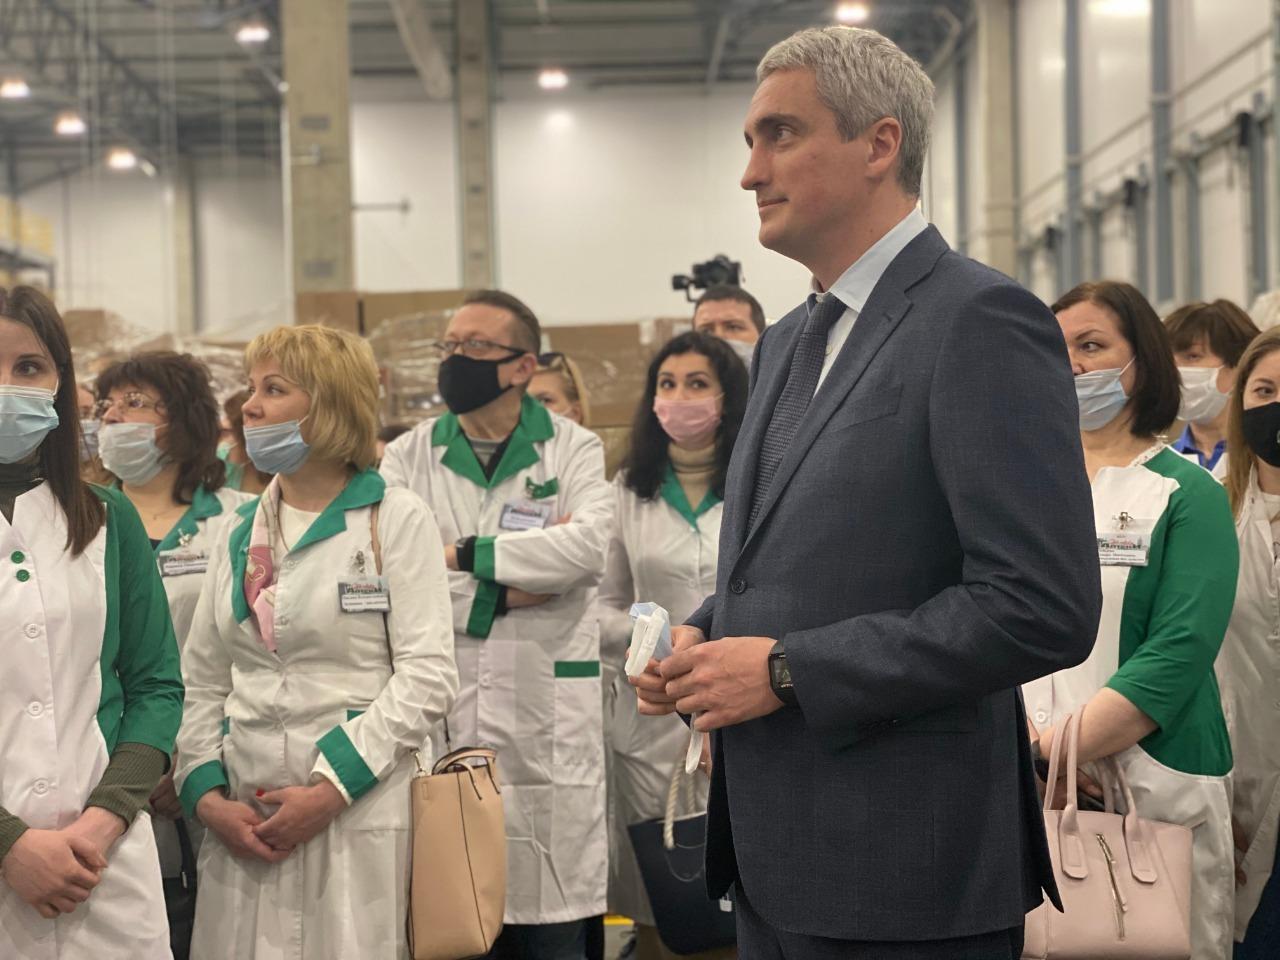 Член ОП РФ Нифантьев предложил обеспечить всех пожилых ежегодным обследованием в стационаре